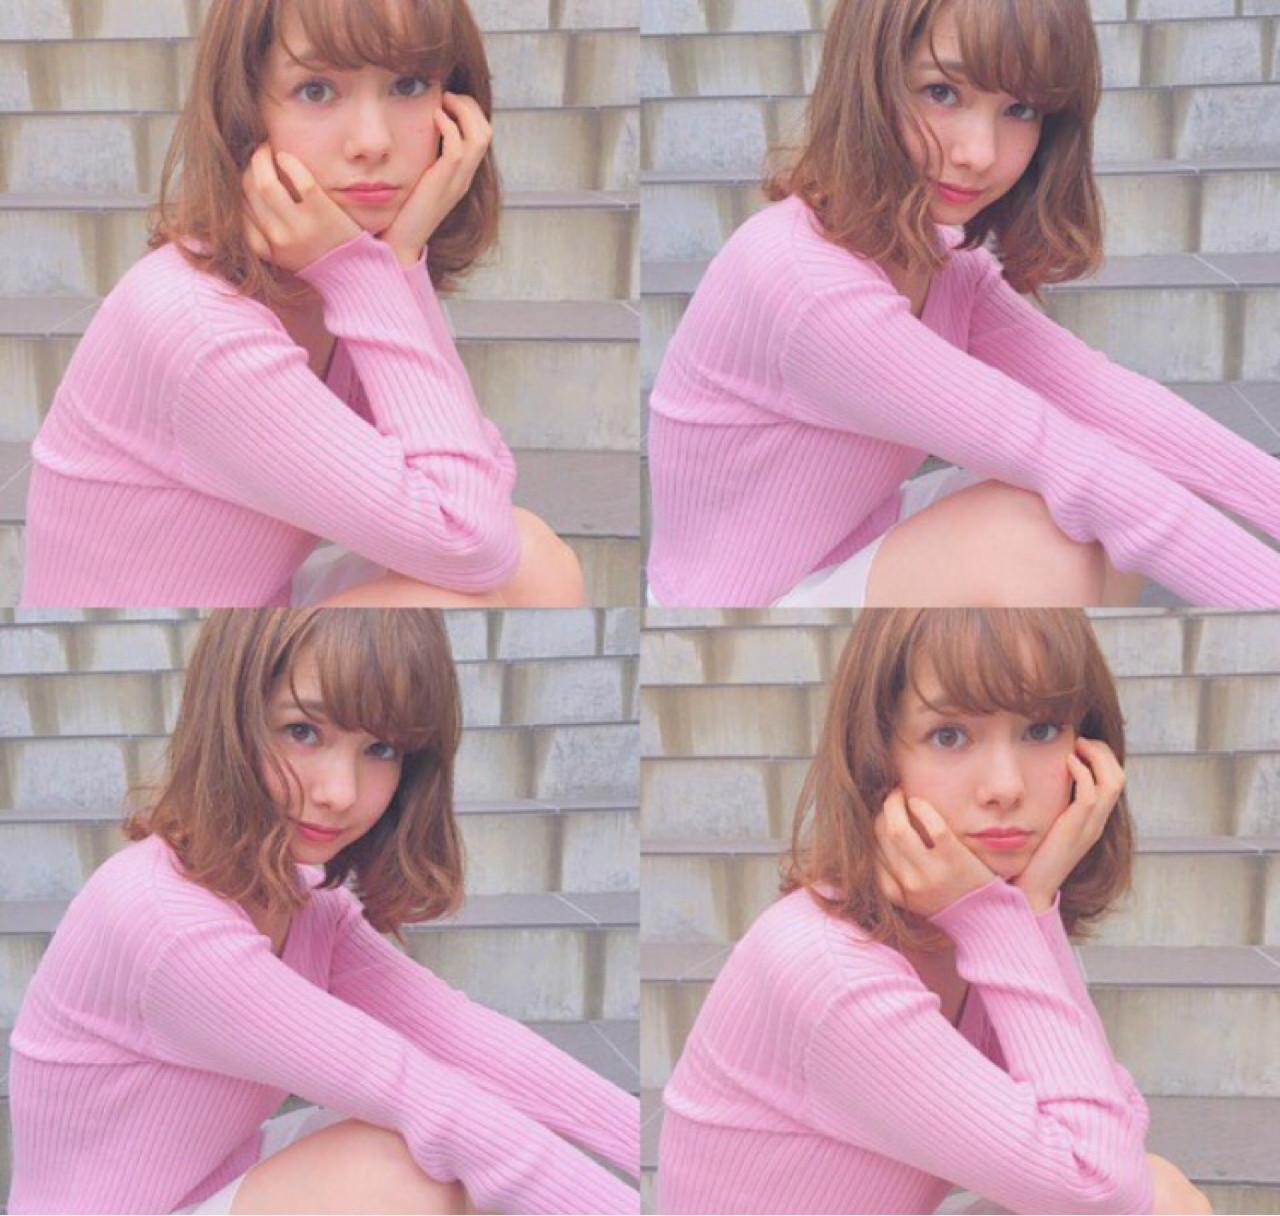 ミディアム くせ毛風 ピュア フェミニン ヘアスタイルや髪型の写真・画像